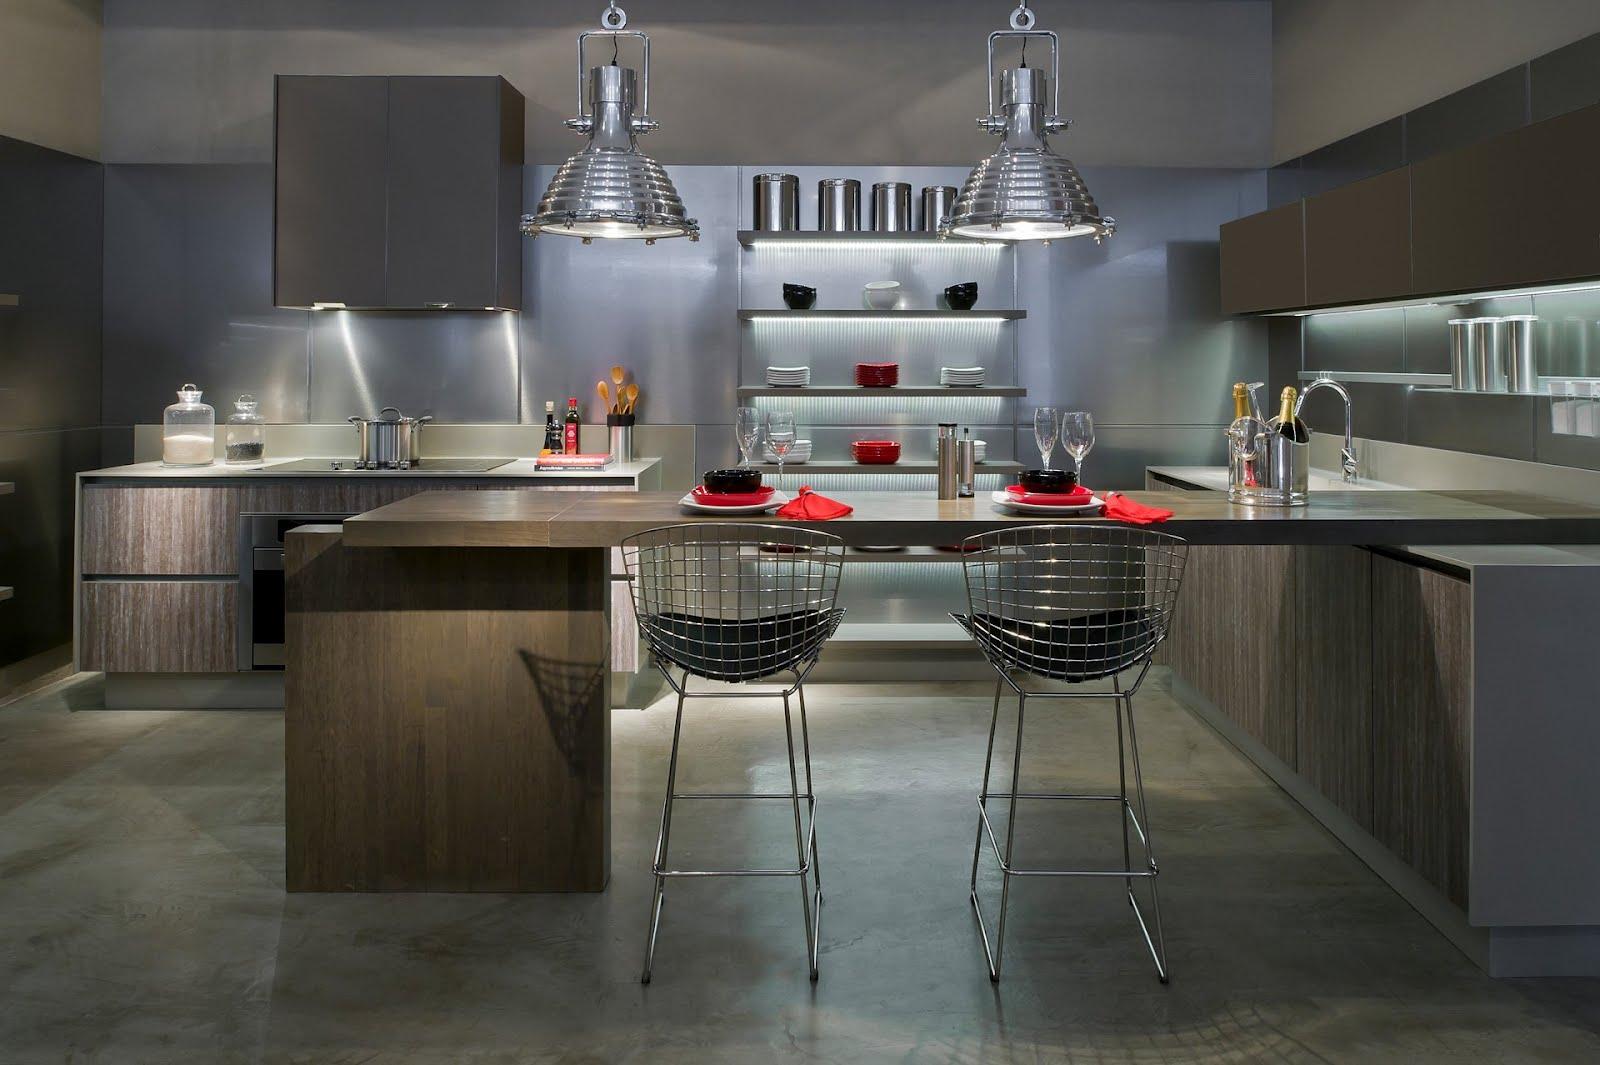 #5C4D42  : ORNARE investe R$ 400 mil em Arquitetos na Casa Cor Bahia 1600x1065 px Armario De Cozinha Nas Casas Bahia De 199 00_1656 Imagens